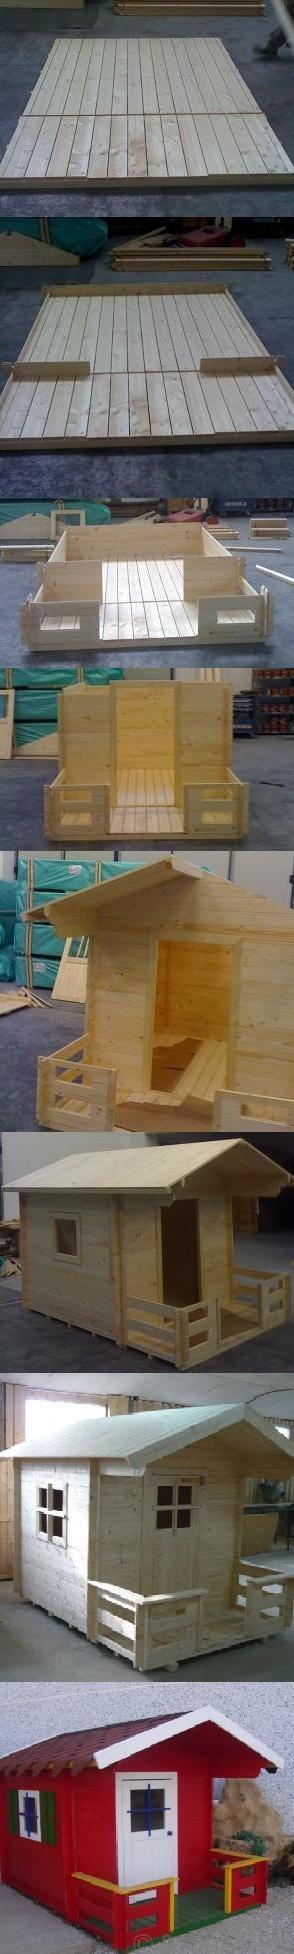 Casetta per bambini in legno (Fonte: http://www.gardendeco.it/casetta-per-bambini-in-legno.html)